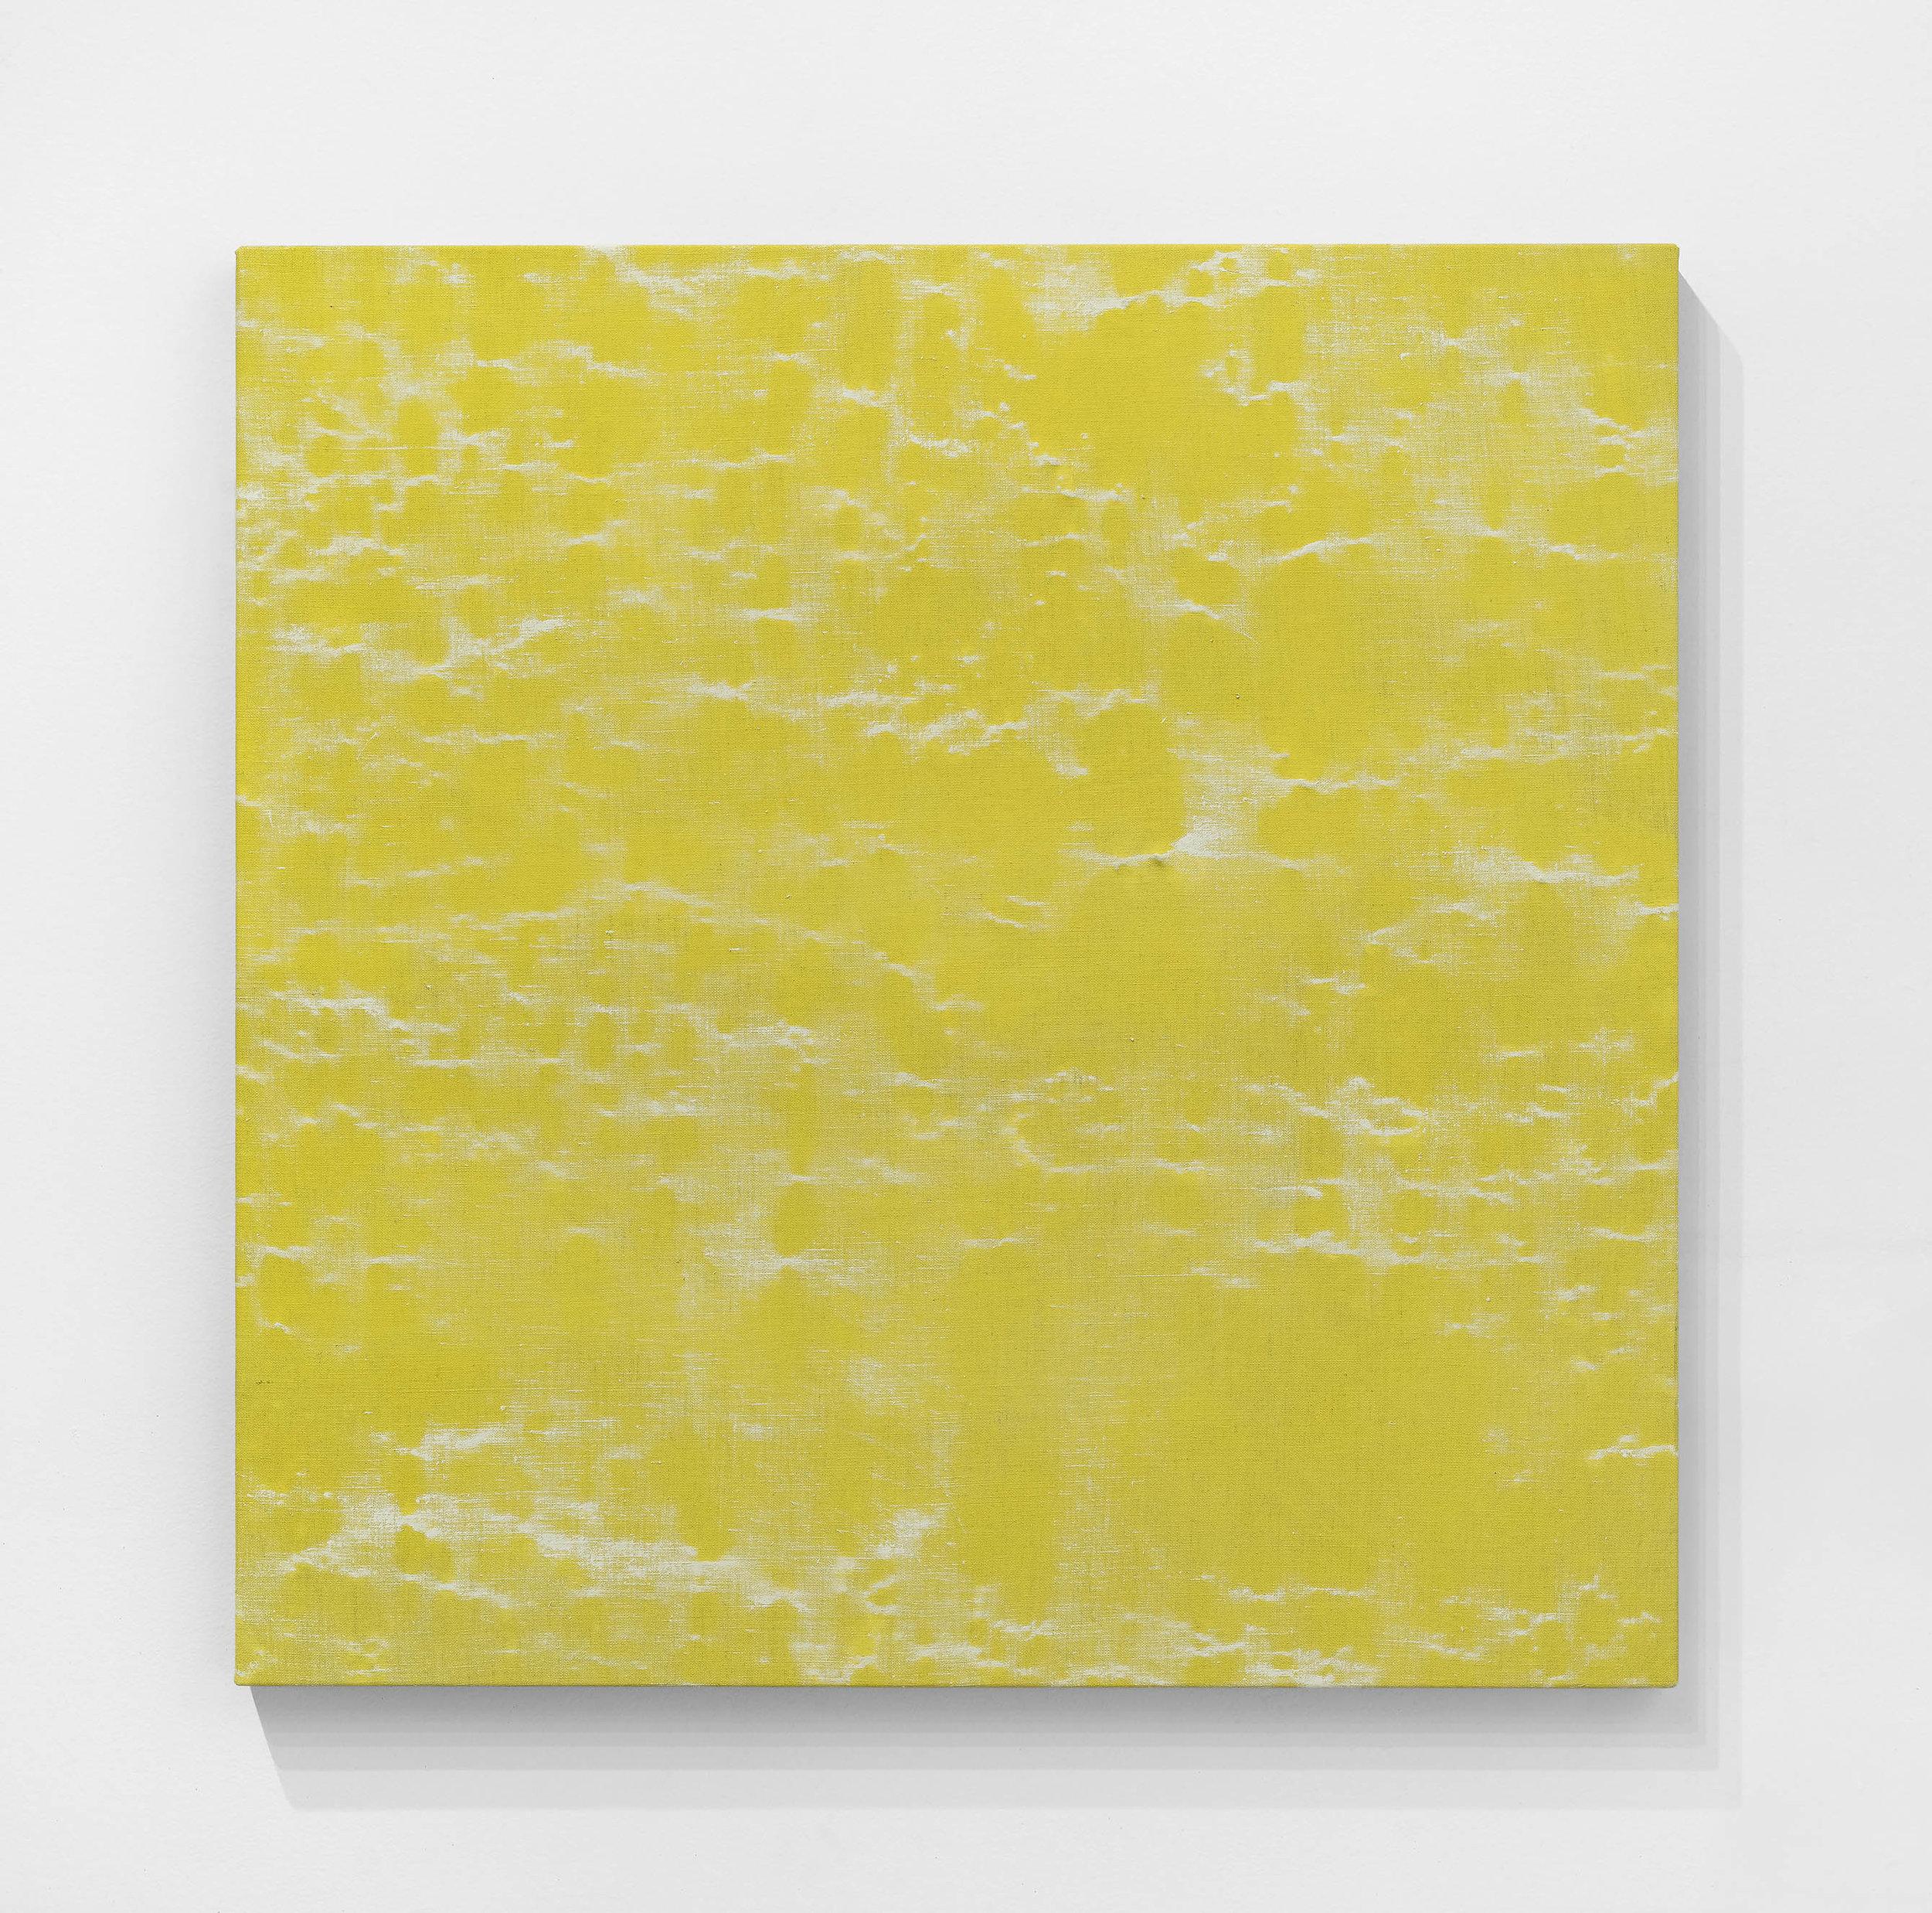 TRESA , 2017 Oil on linen 30 x 30 in. 76.2 x 76.2 cm